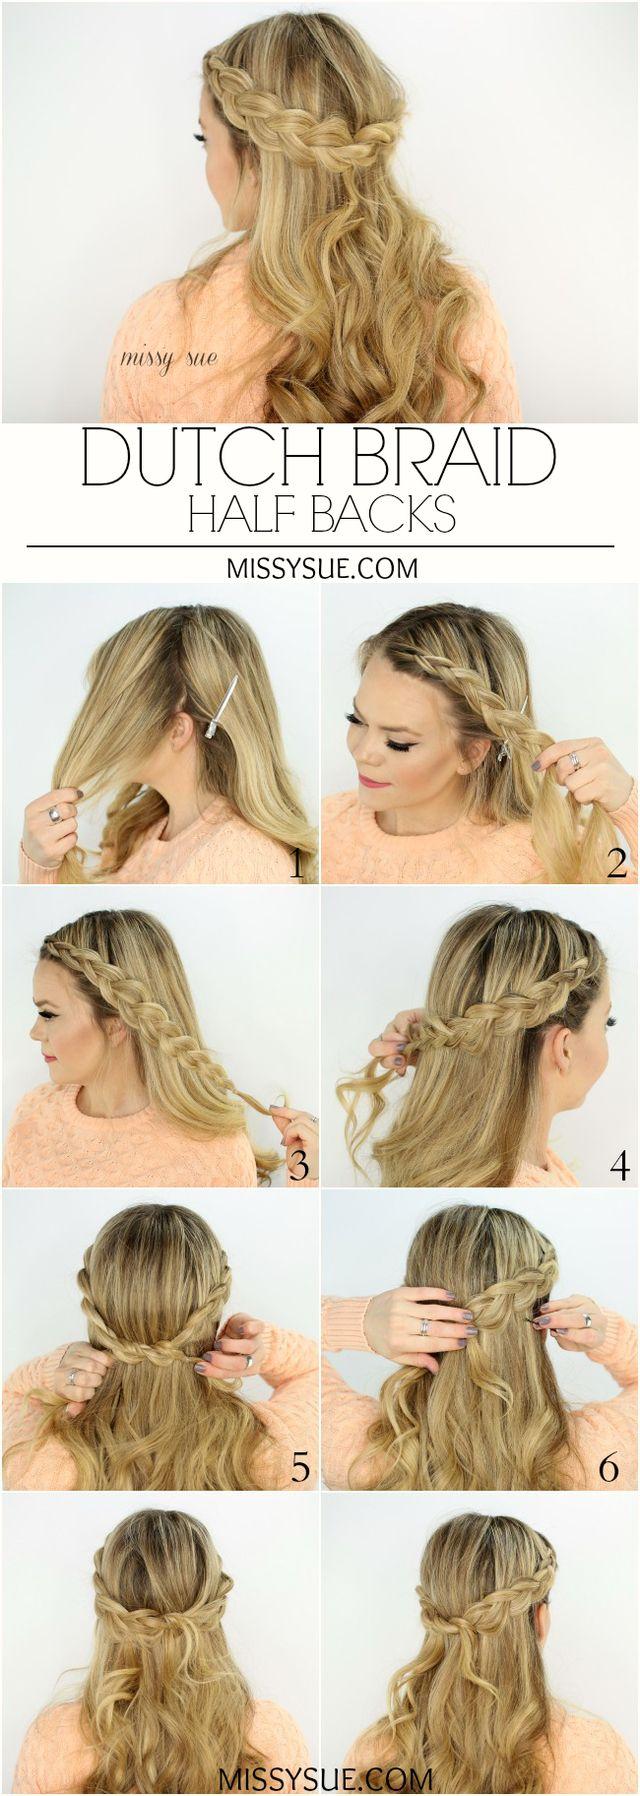 17 Terbaik Ide Tentang Rambut Kepang Di Pinterest Rambut